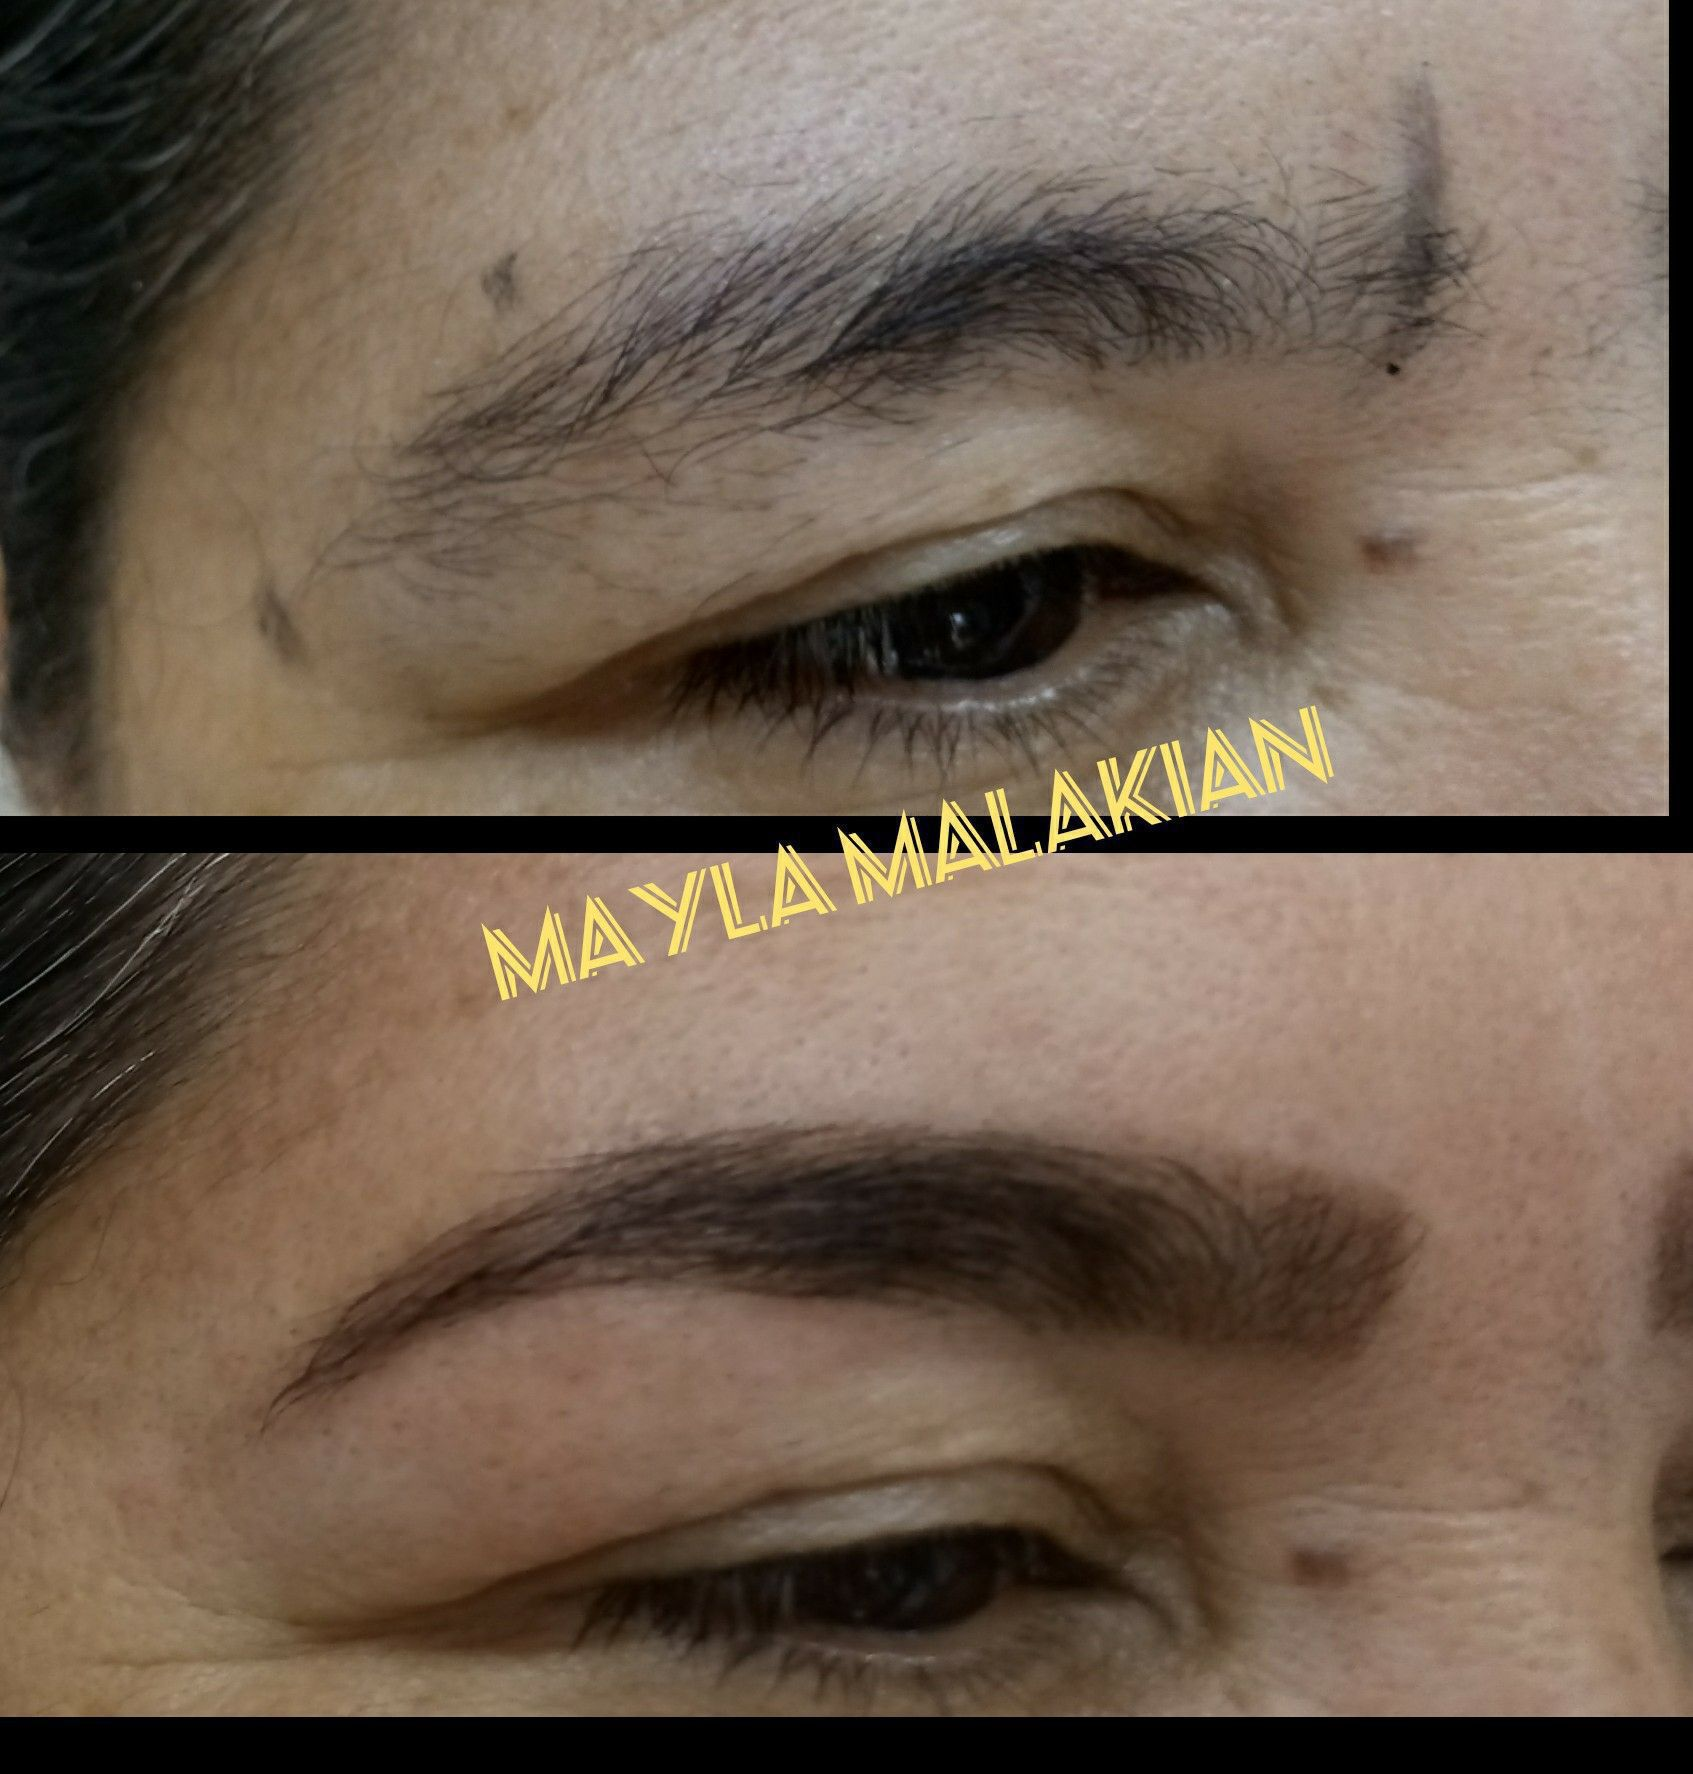 Sobrancelha outros cabeleireiro(a) designer de sobrancelhas maquiador(a)